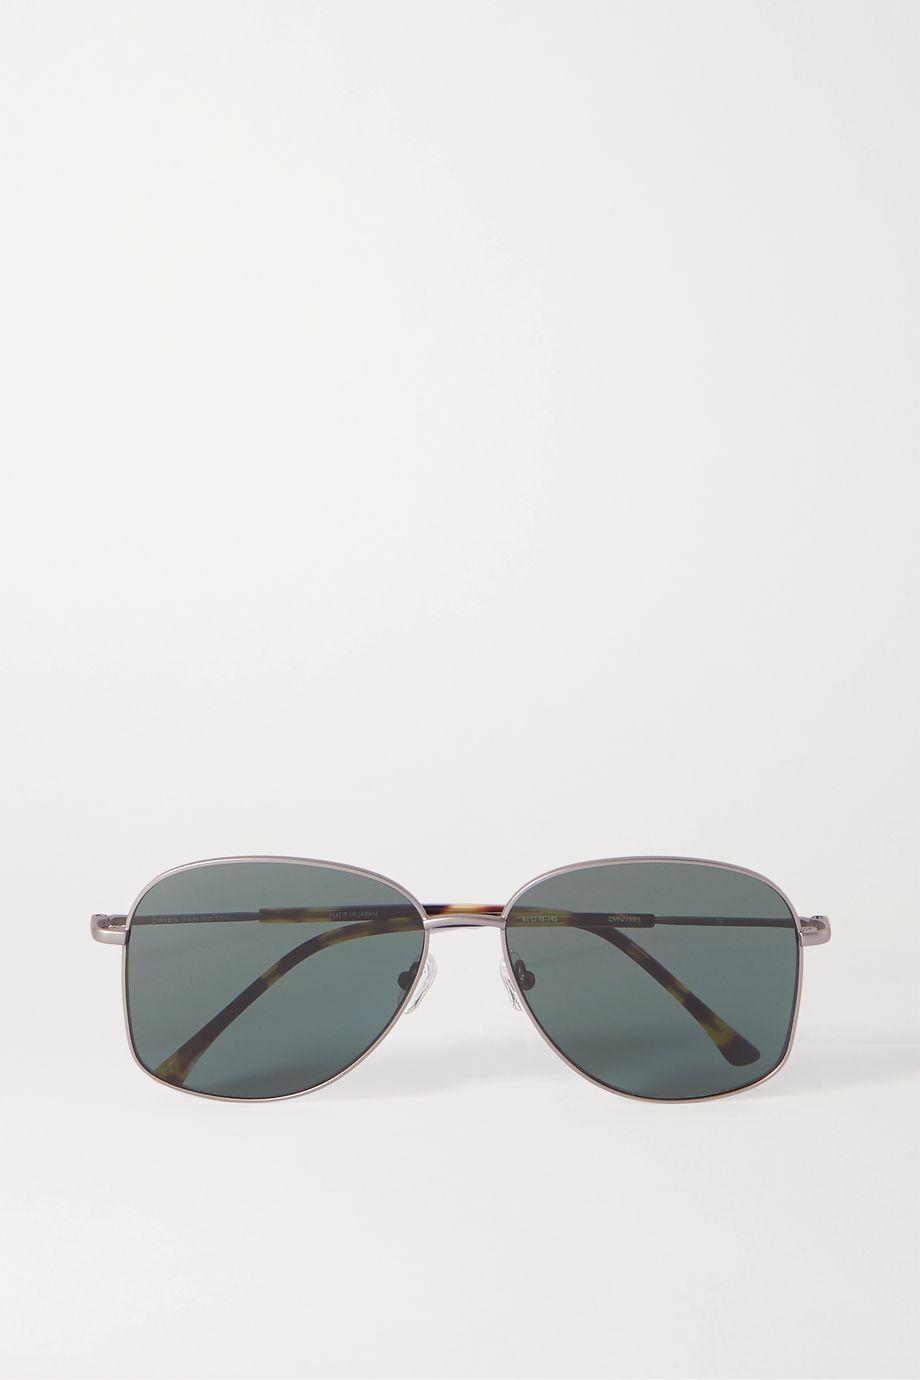 Dries Van Noten Aviator-style silver-tone and tortoiseshell acetate sunglasses